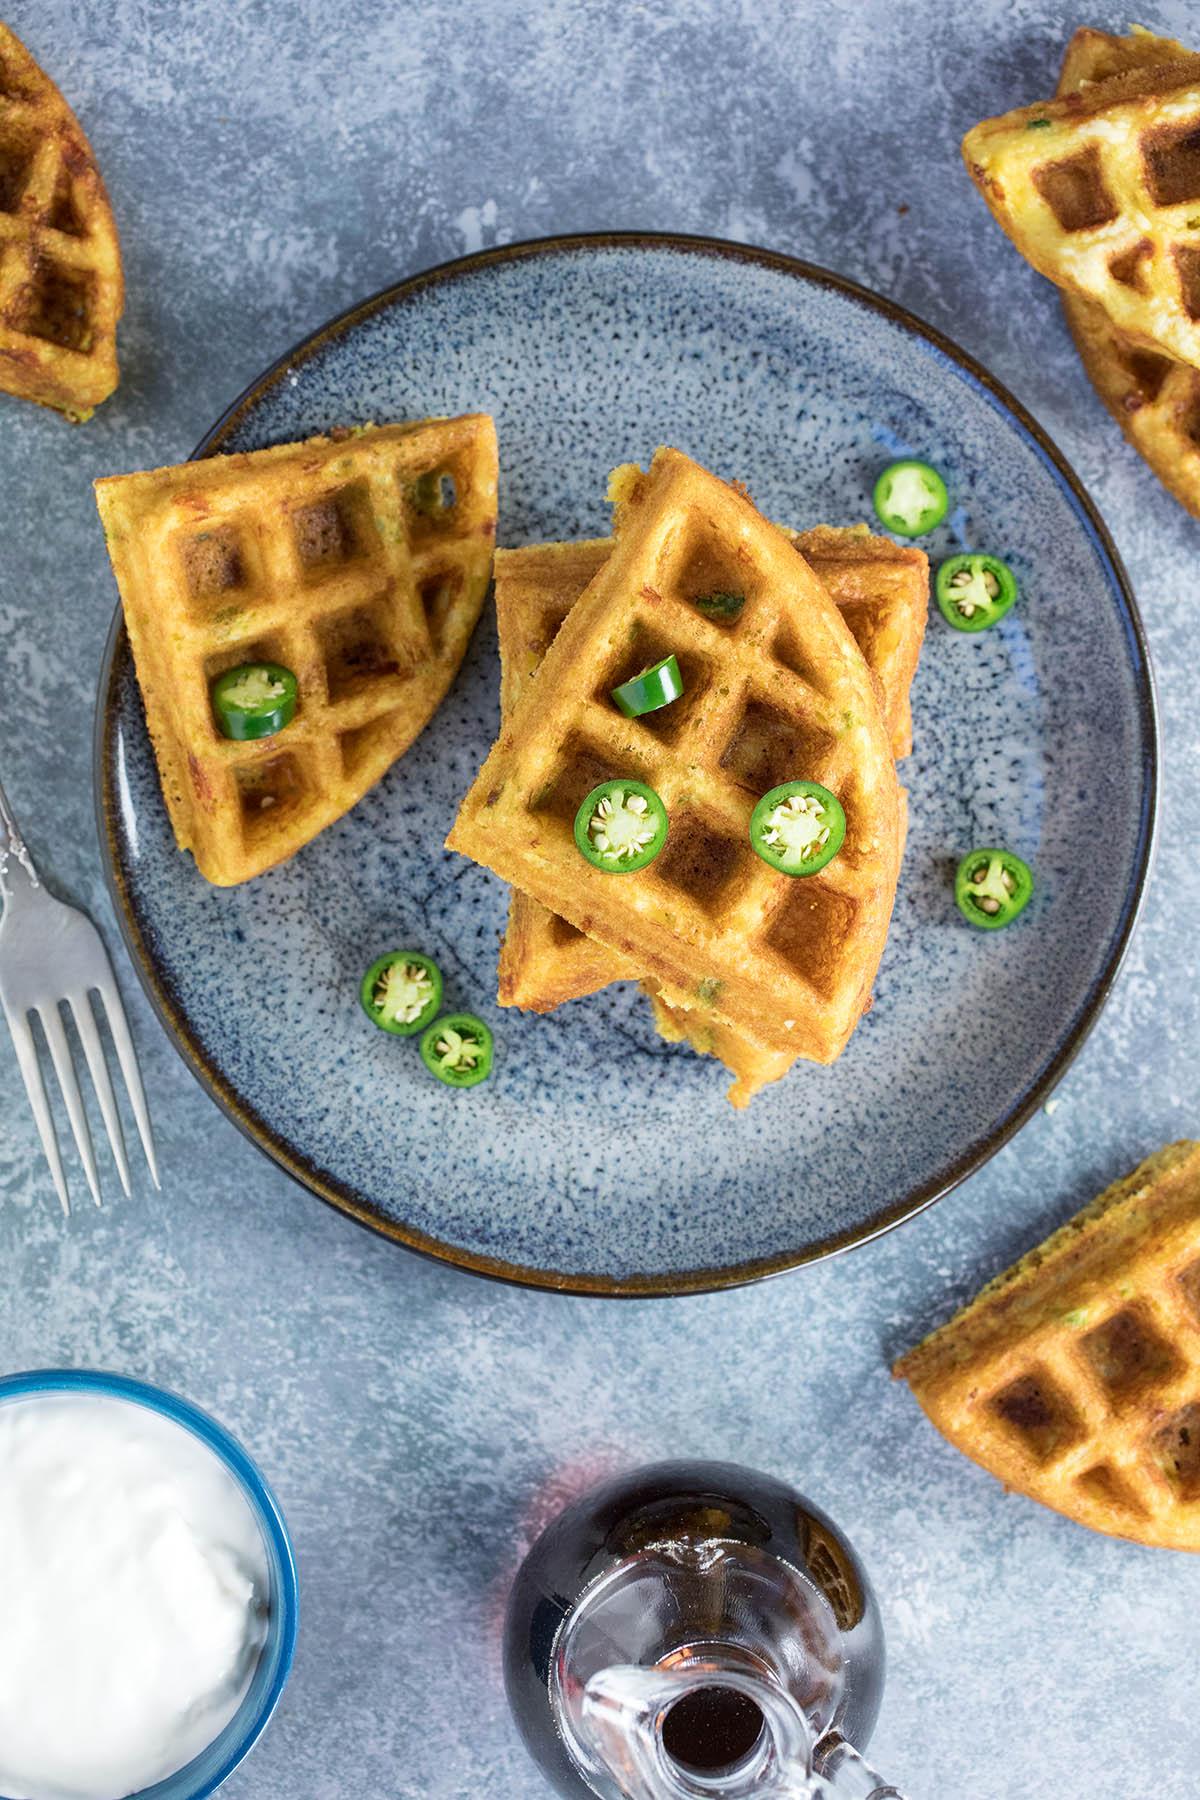 Serrano-Cheddar Waffles - Recipe